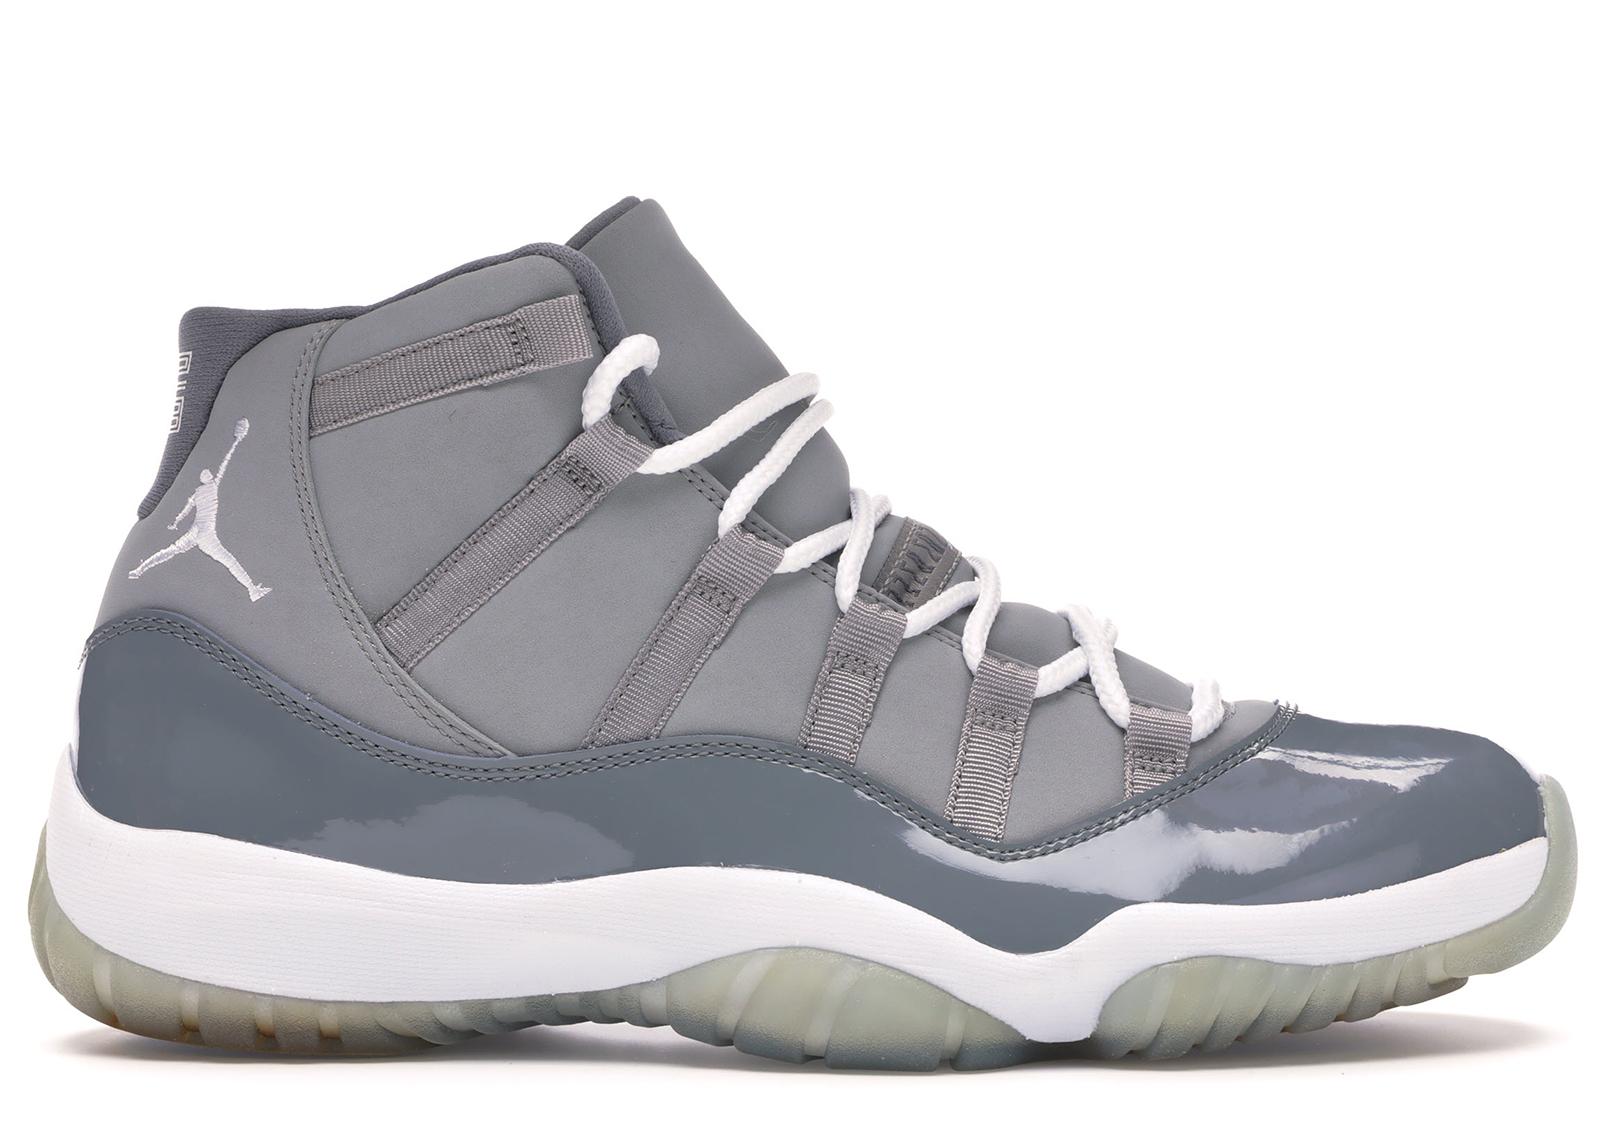 Air Jordan 11 Shoes \u0026 Deadstock Sneakers